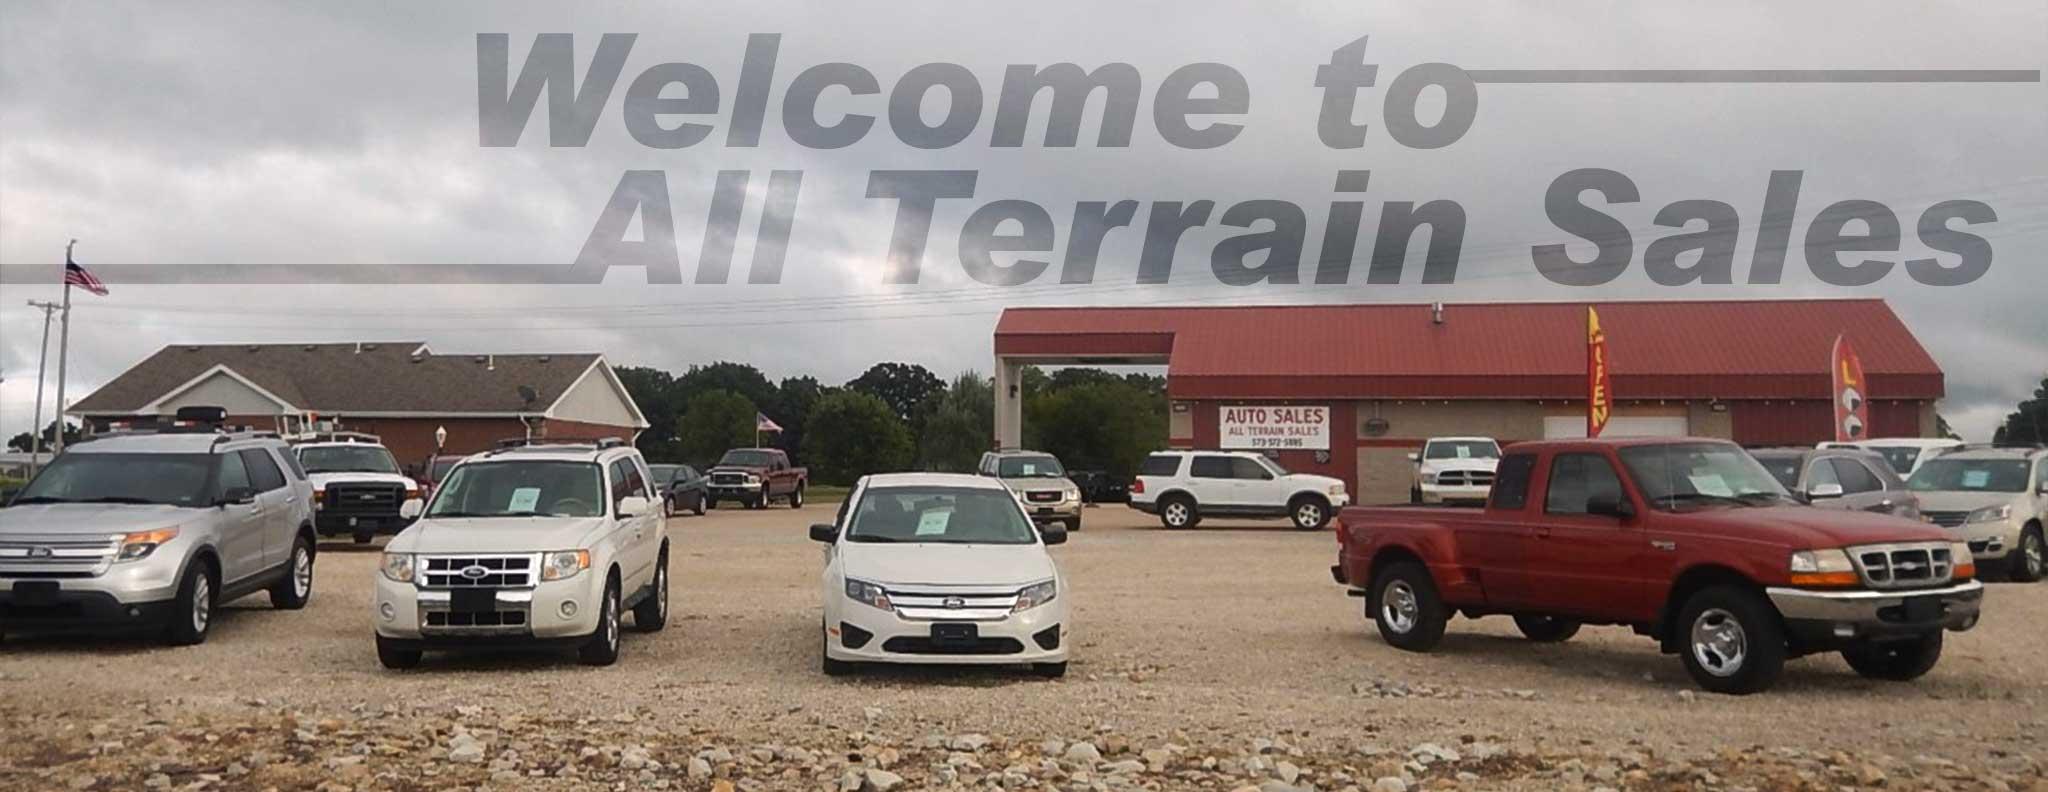 All Terrain Sales